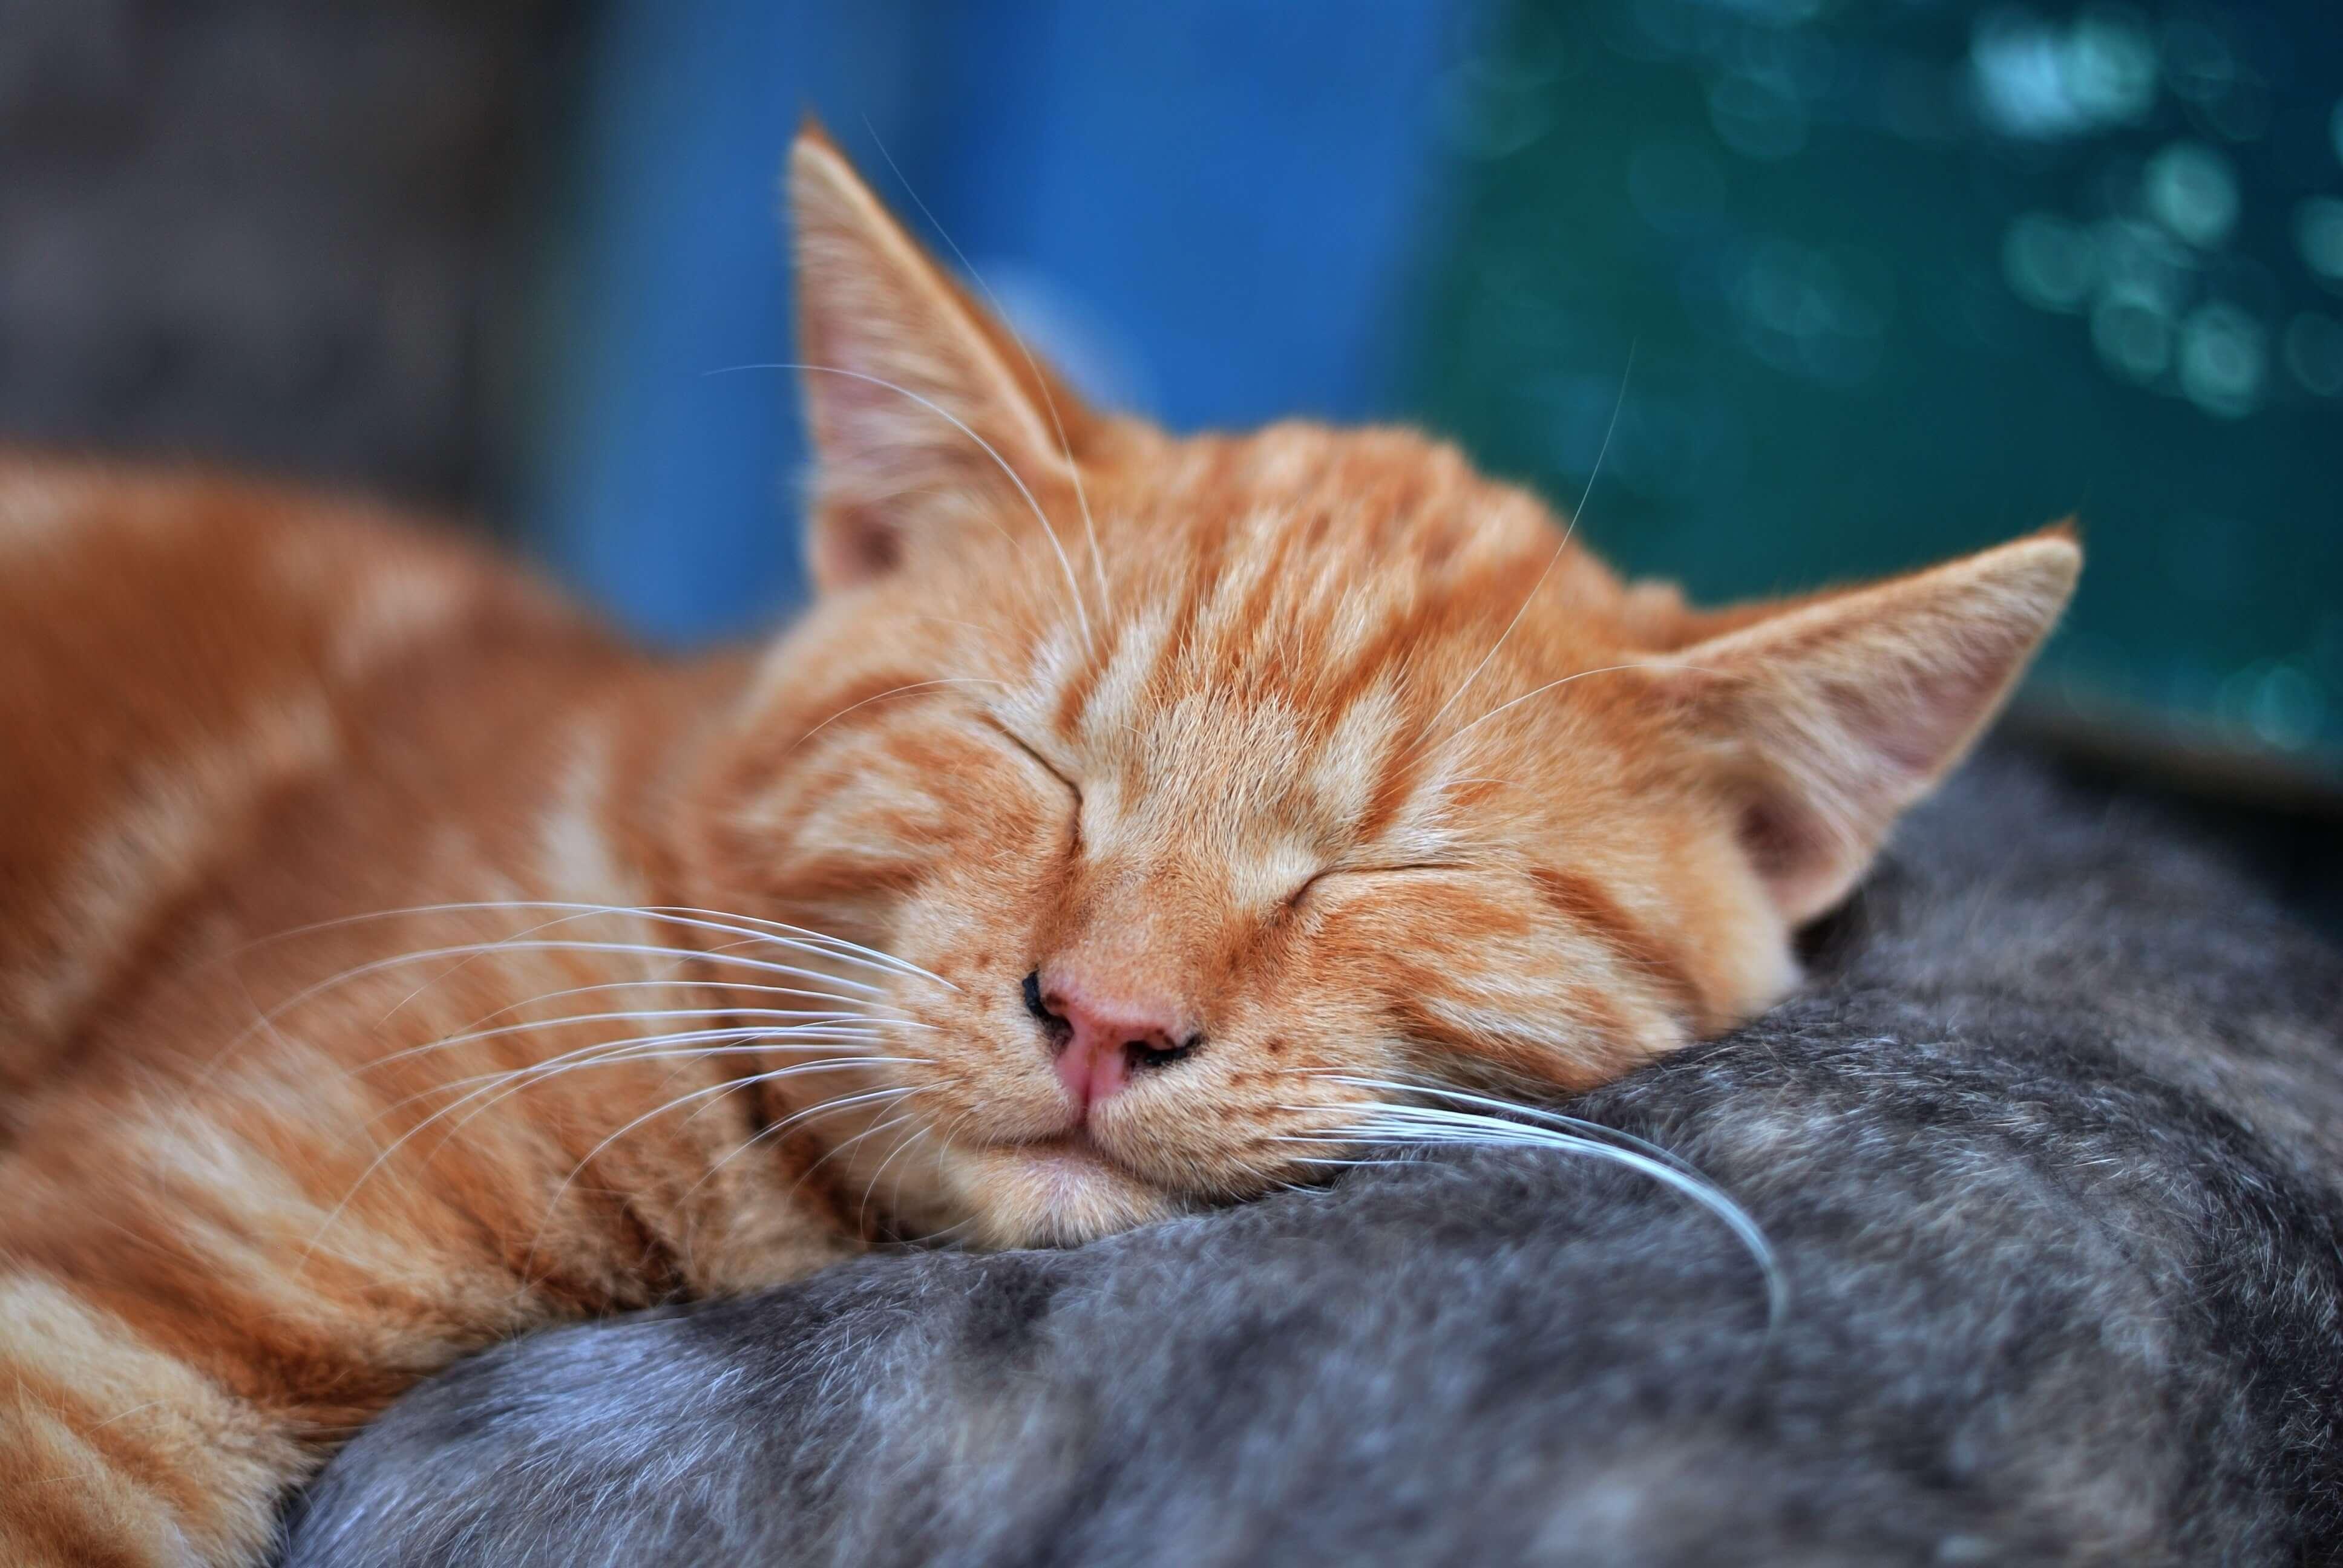 Jak dlouhou dobu může být kočka sama doma?